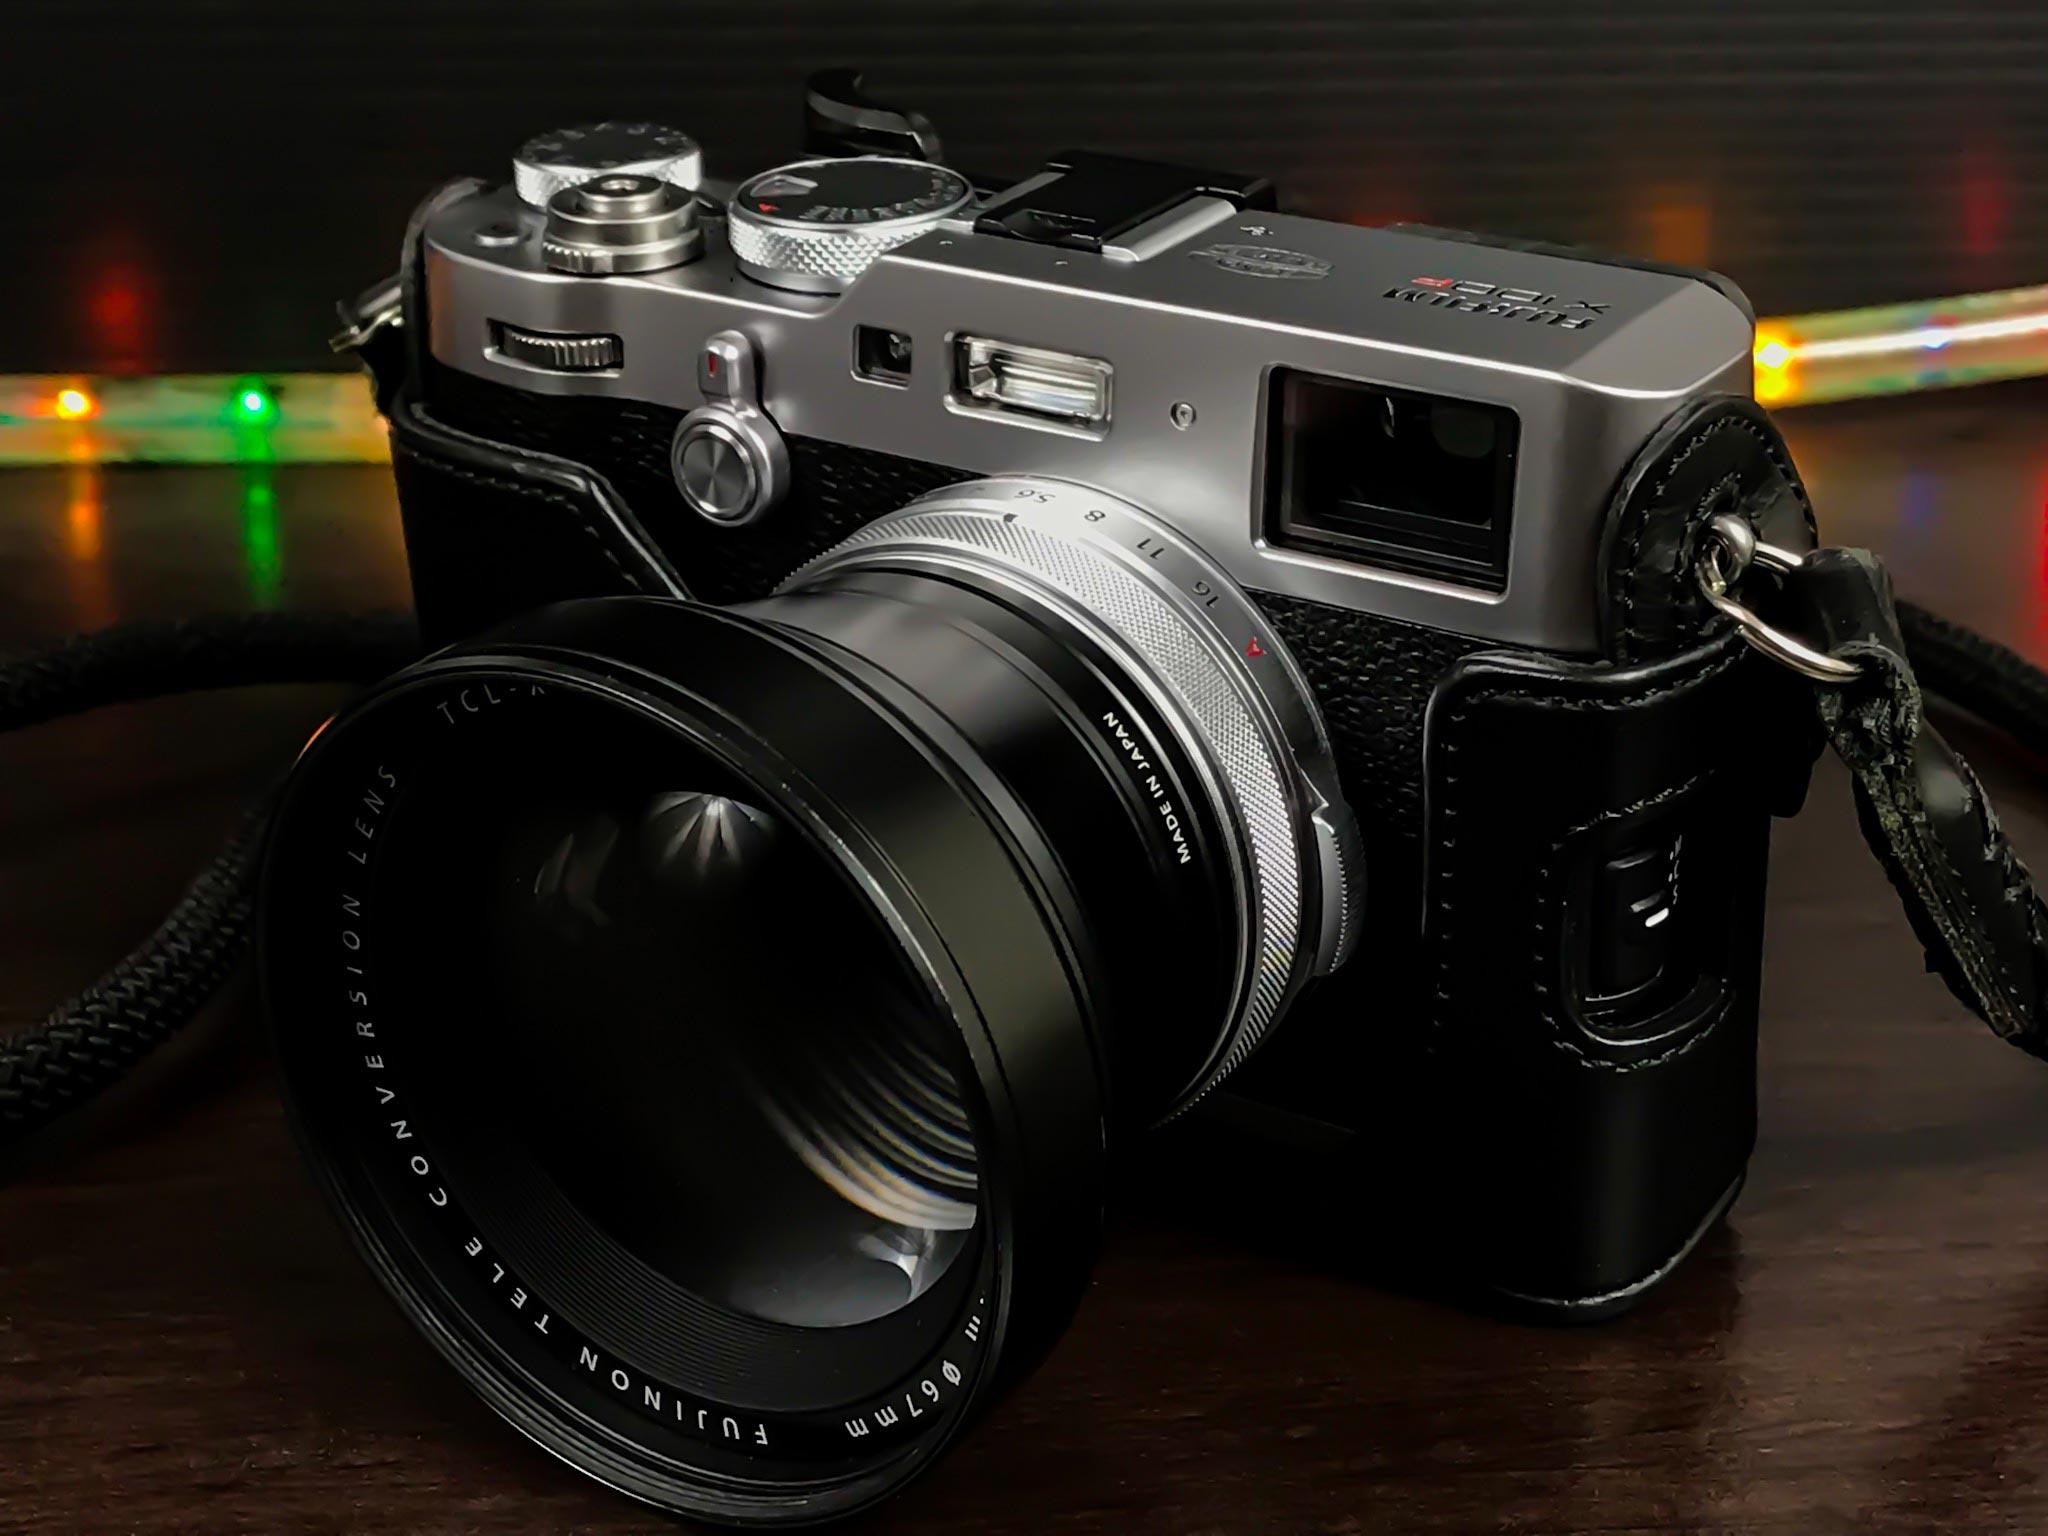 Fuji x100F w/ TCL-x100 Teleconverter.